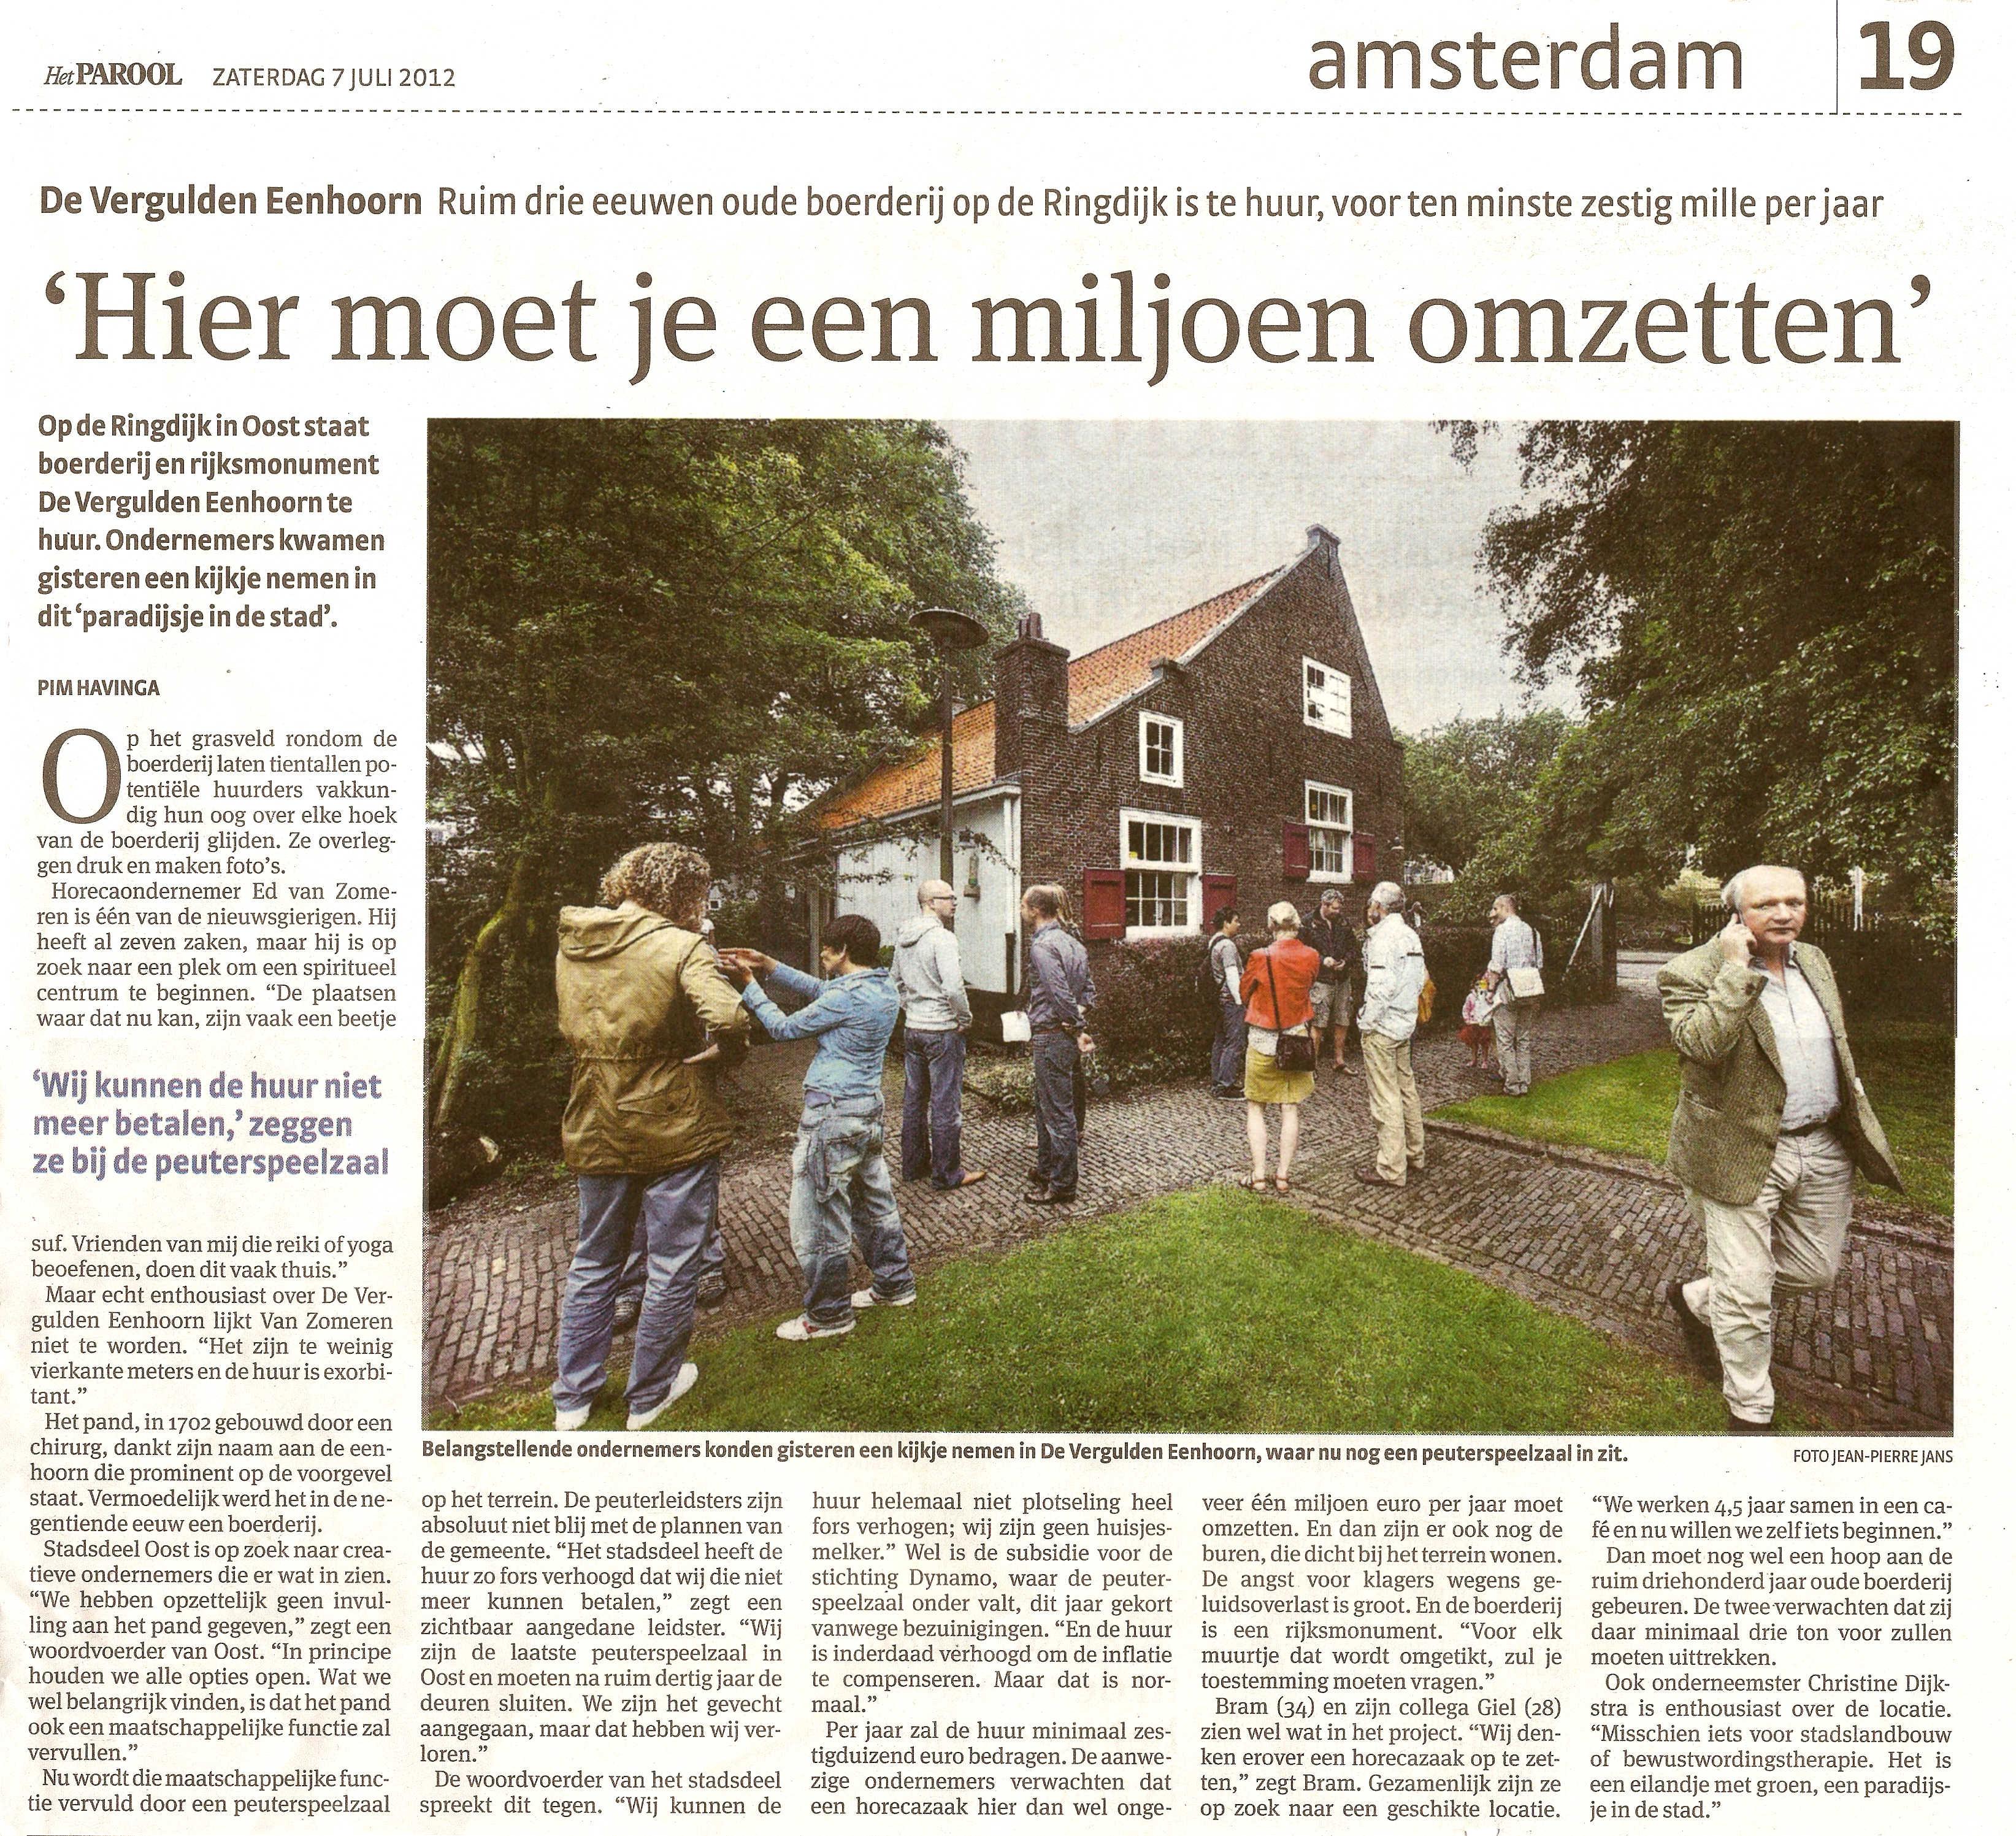 Plaatsen Rond Amsterdam.Bron Het Parool Geheugen Van Oost